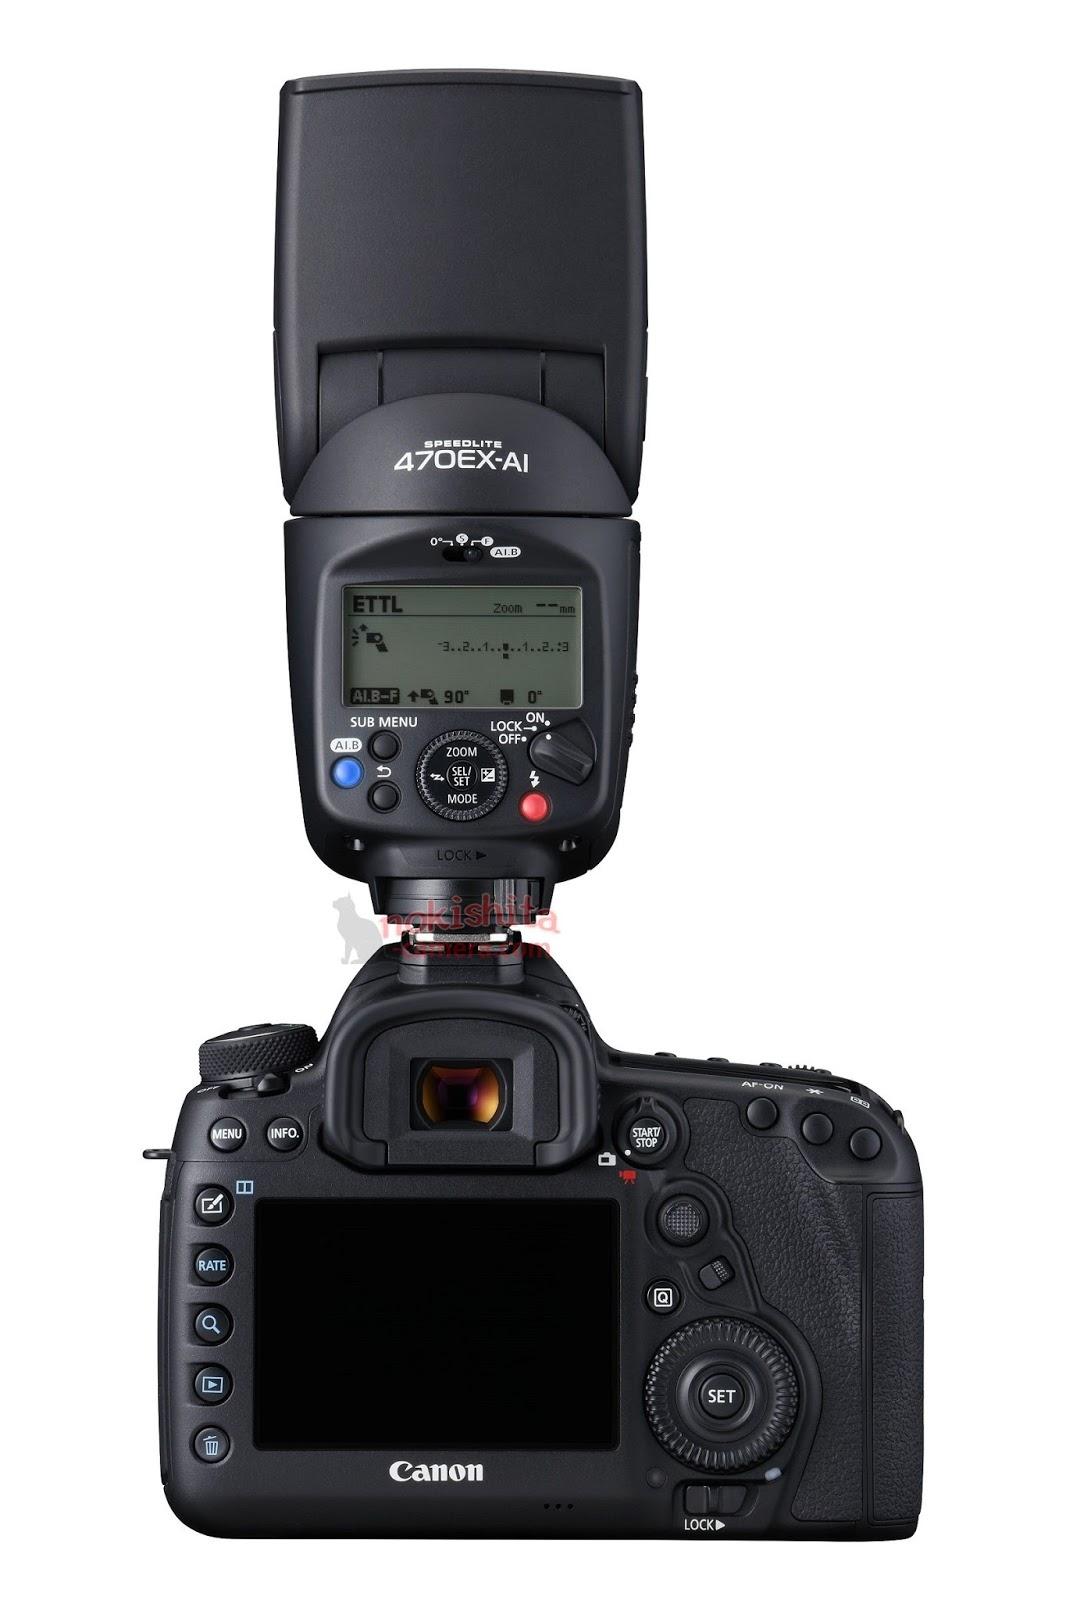 Вспышка Canon Speedlite 470EX-AI, вид сзади